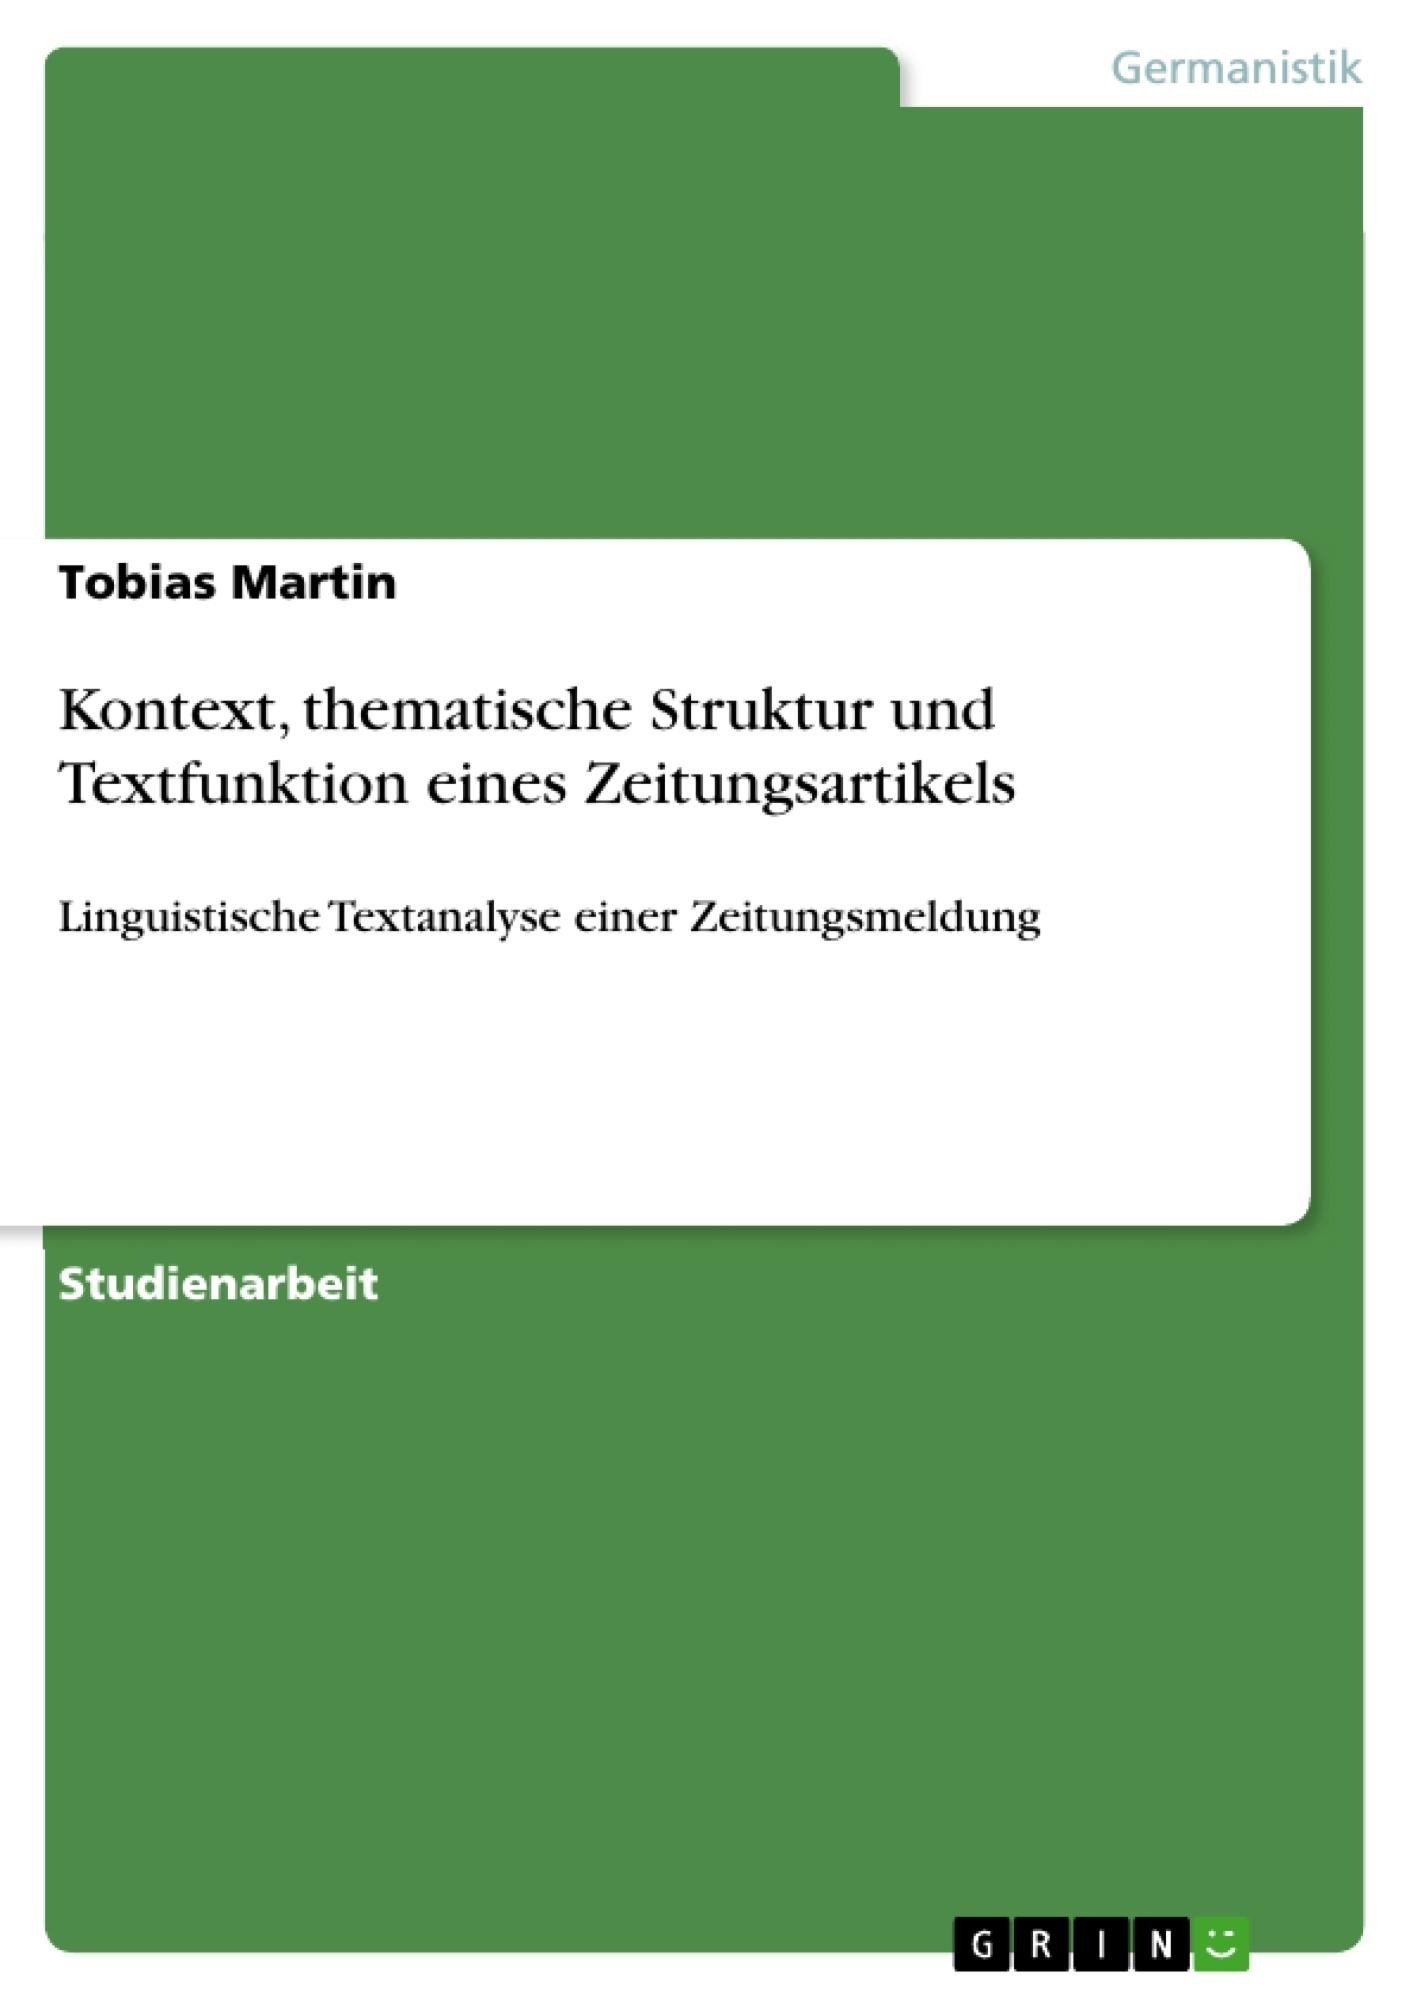 Titel: Kontext, thematische Struktur und Textfunktion eines Zeitungsartikels